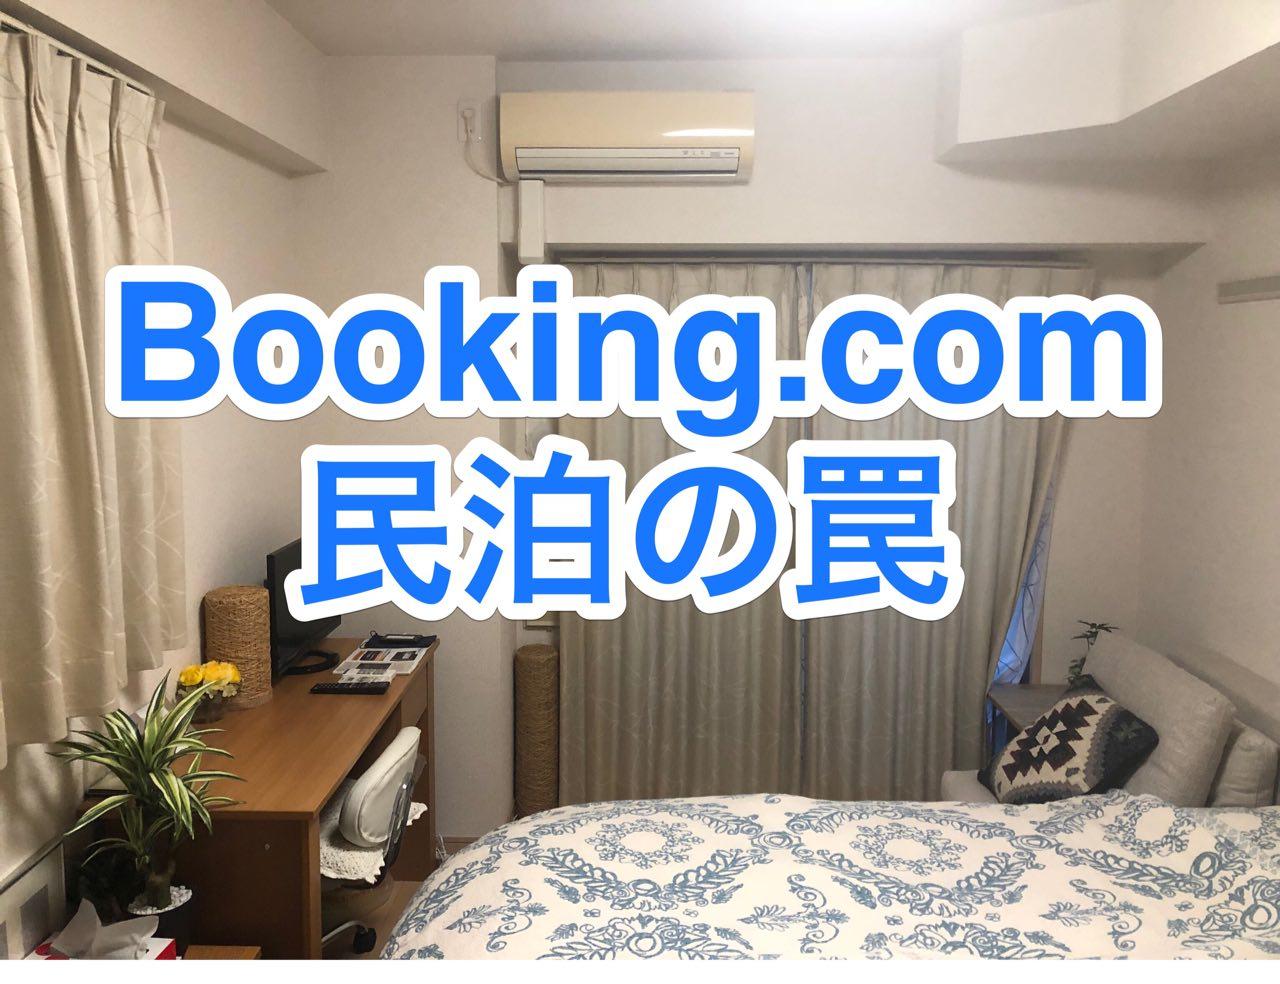 ブッキングドットコム(Booking.com)の民宿